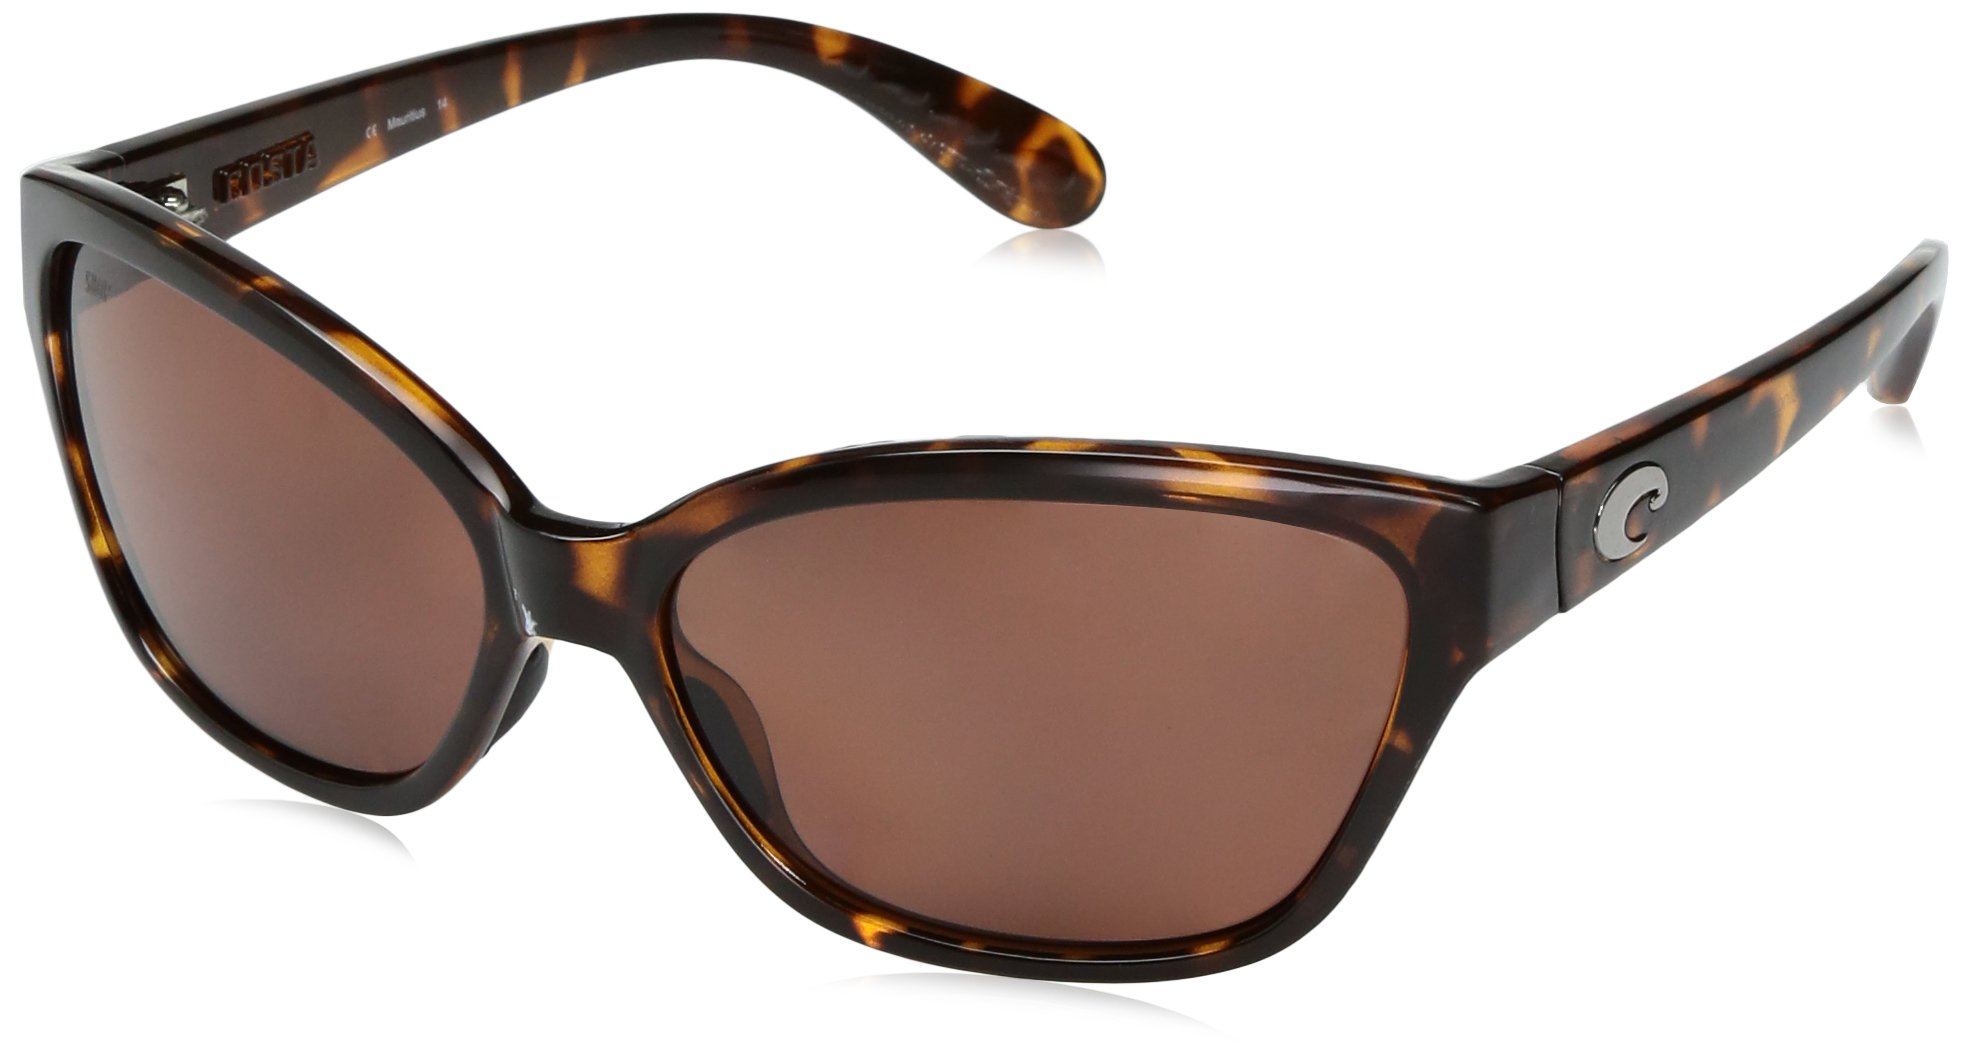 Costa Del Mar Starfish Sunglasses, Retro Tortoise, Copper 580P Lens